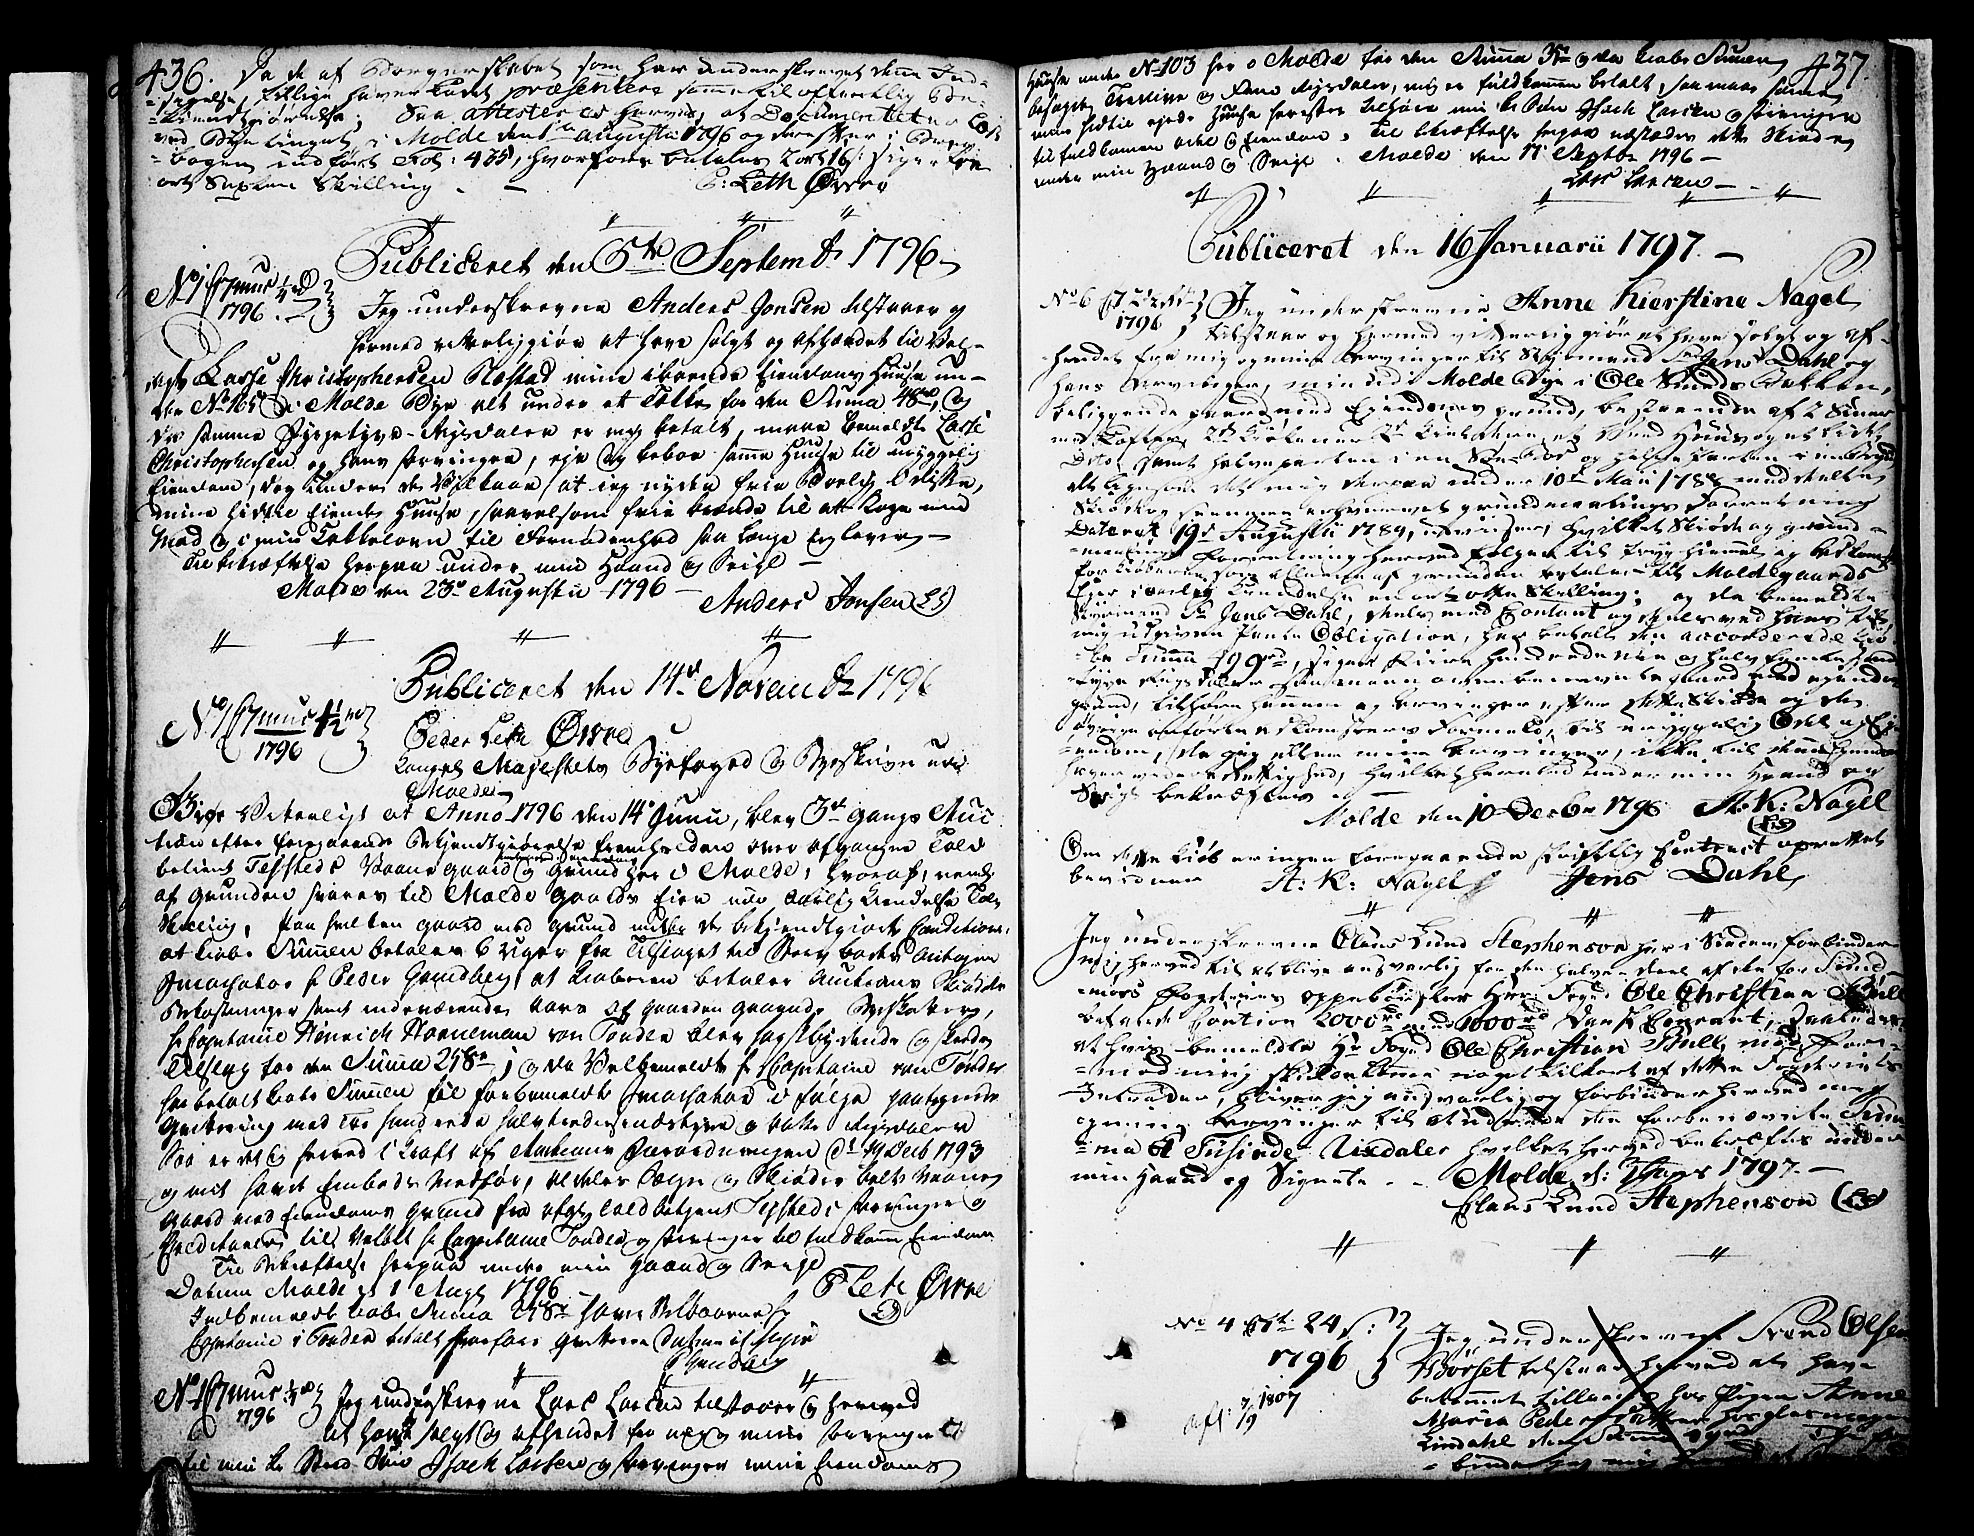 SAT, Molde byfogd, 2C/L0001: Pantebok nr. 1, 1748-1823, s. 436-437